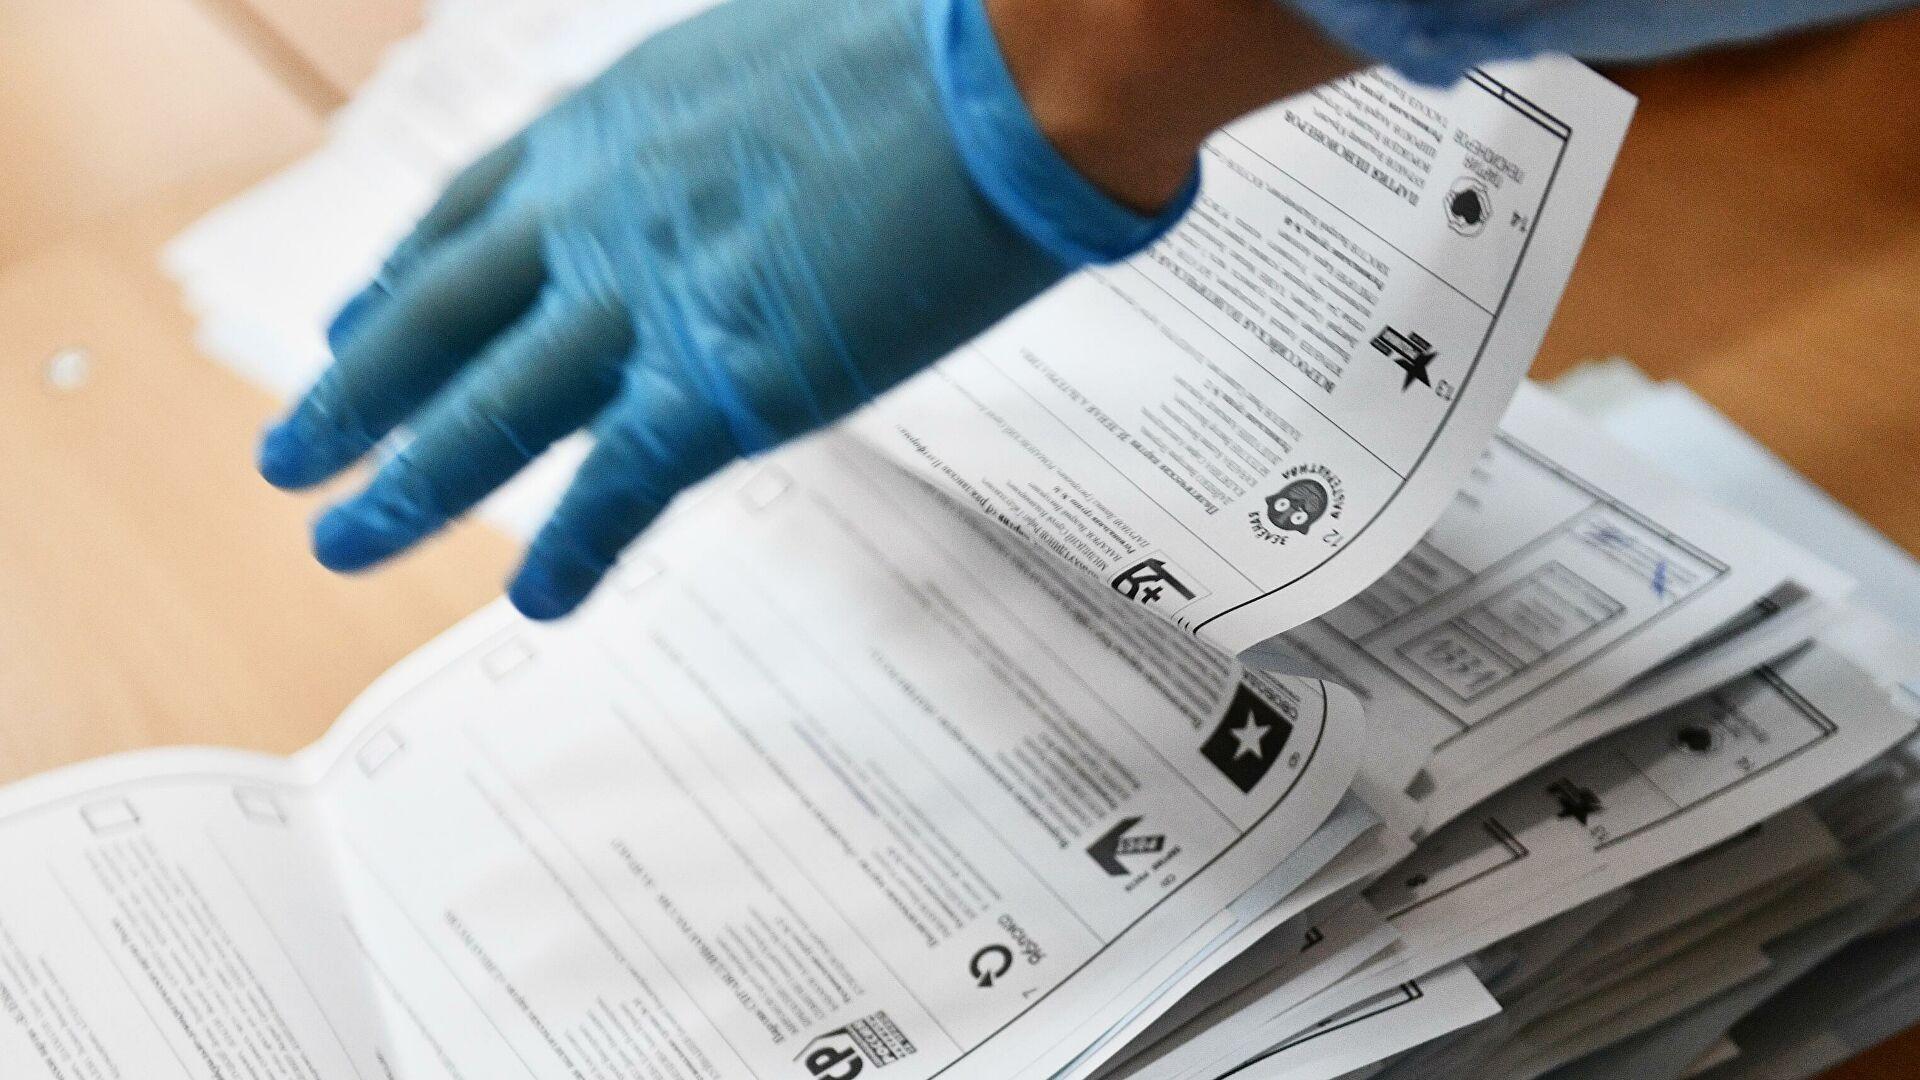 Bầu cử Hạ viện Nga: Hơn 60% phiếu được kiểm, đảng cầm quyền lại vươn tay tới chiến thắng. (Nguồn: generico)